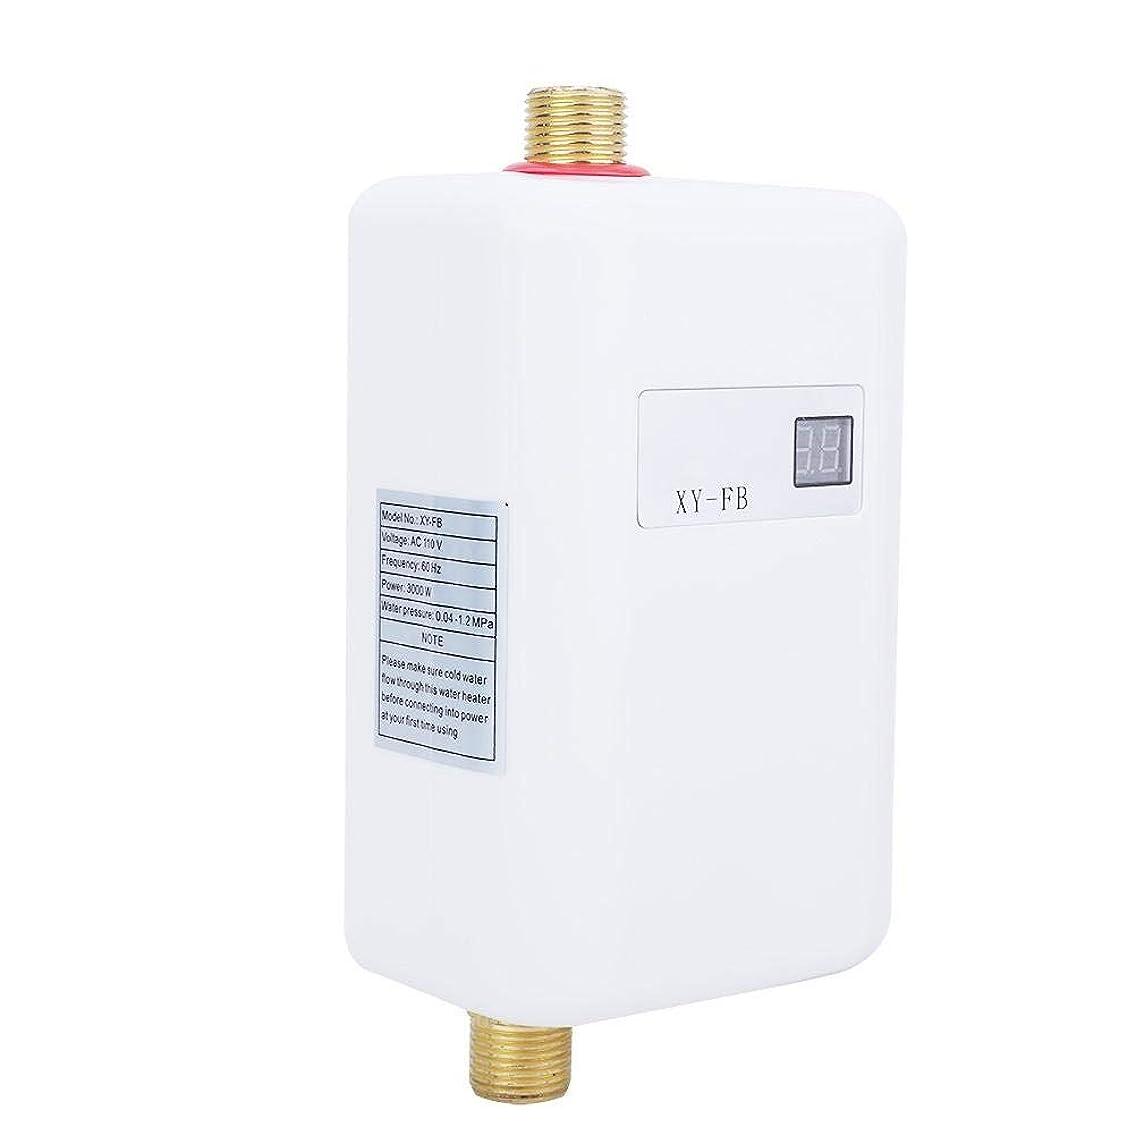 伴うわずかな間隔タンクレス給湯器、電気タンクレスインスタント温水ヒーター浴室キッチンアクセサリー、3000W/3800W(USプラグ110V)